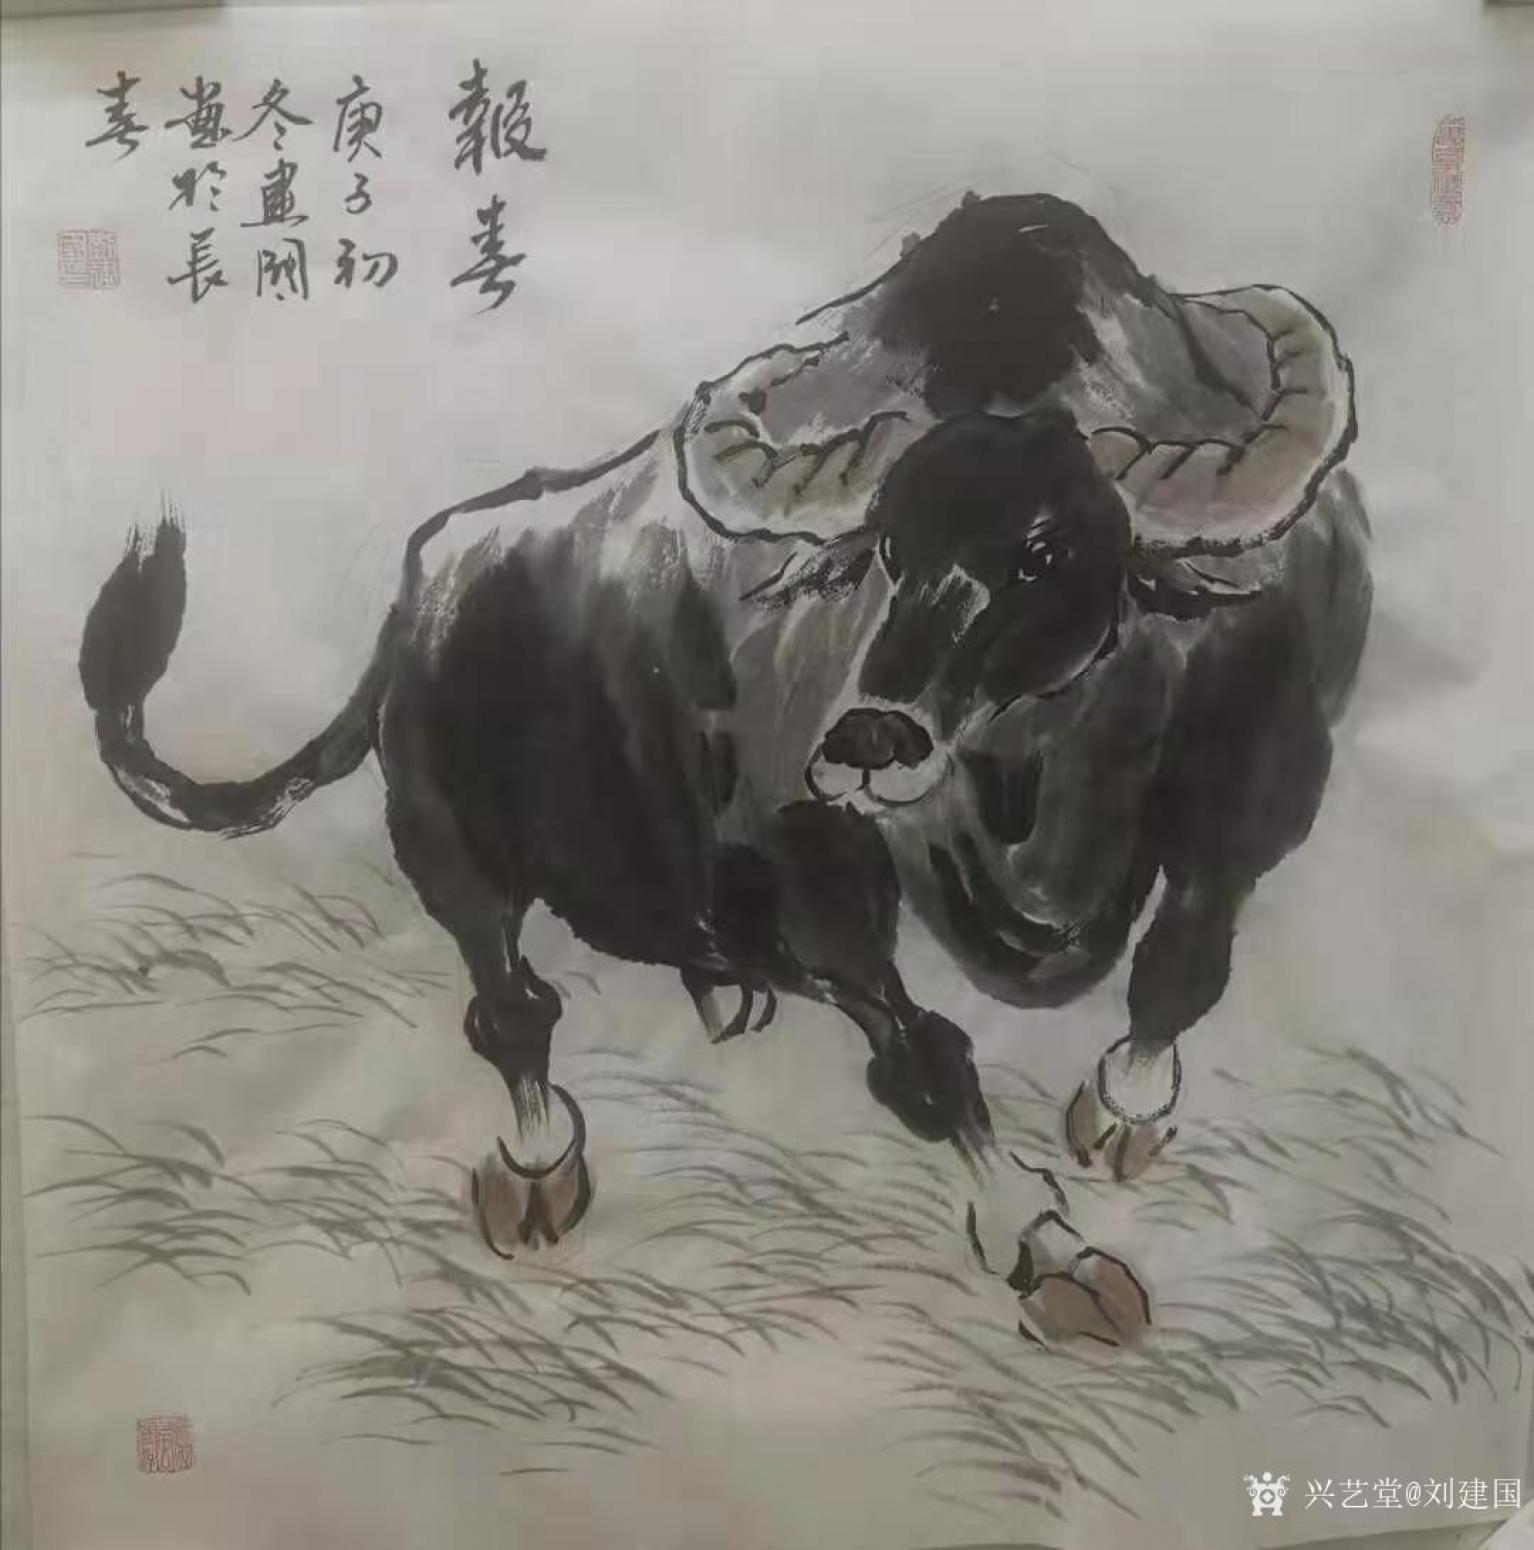 刘建国国画作品《牛-报春》